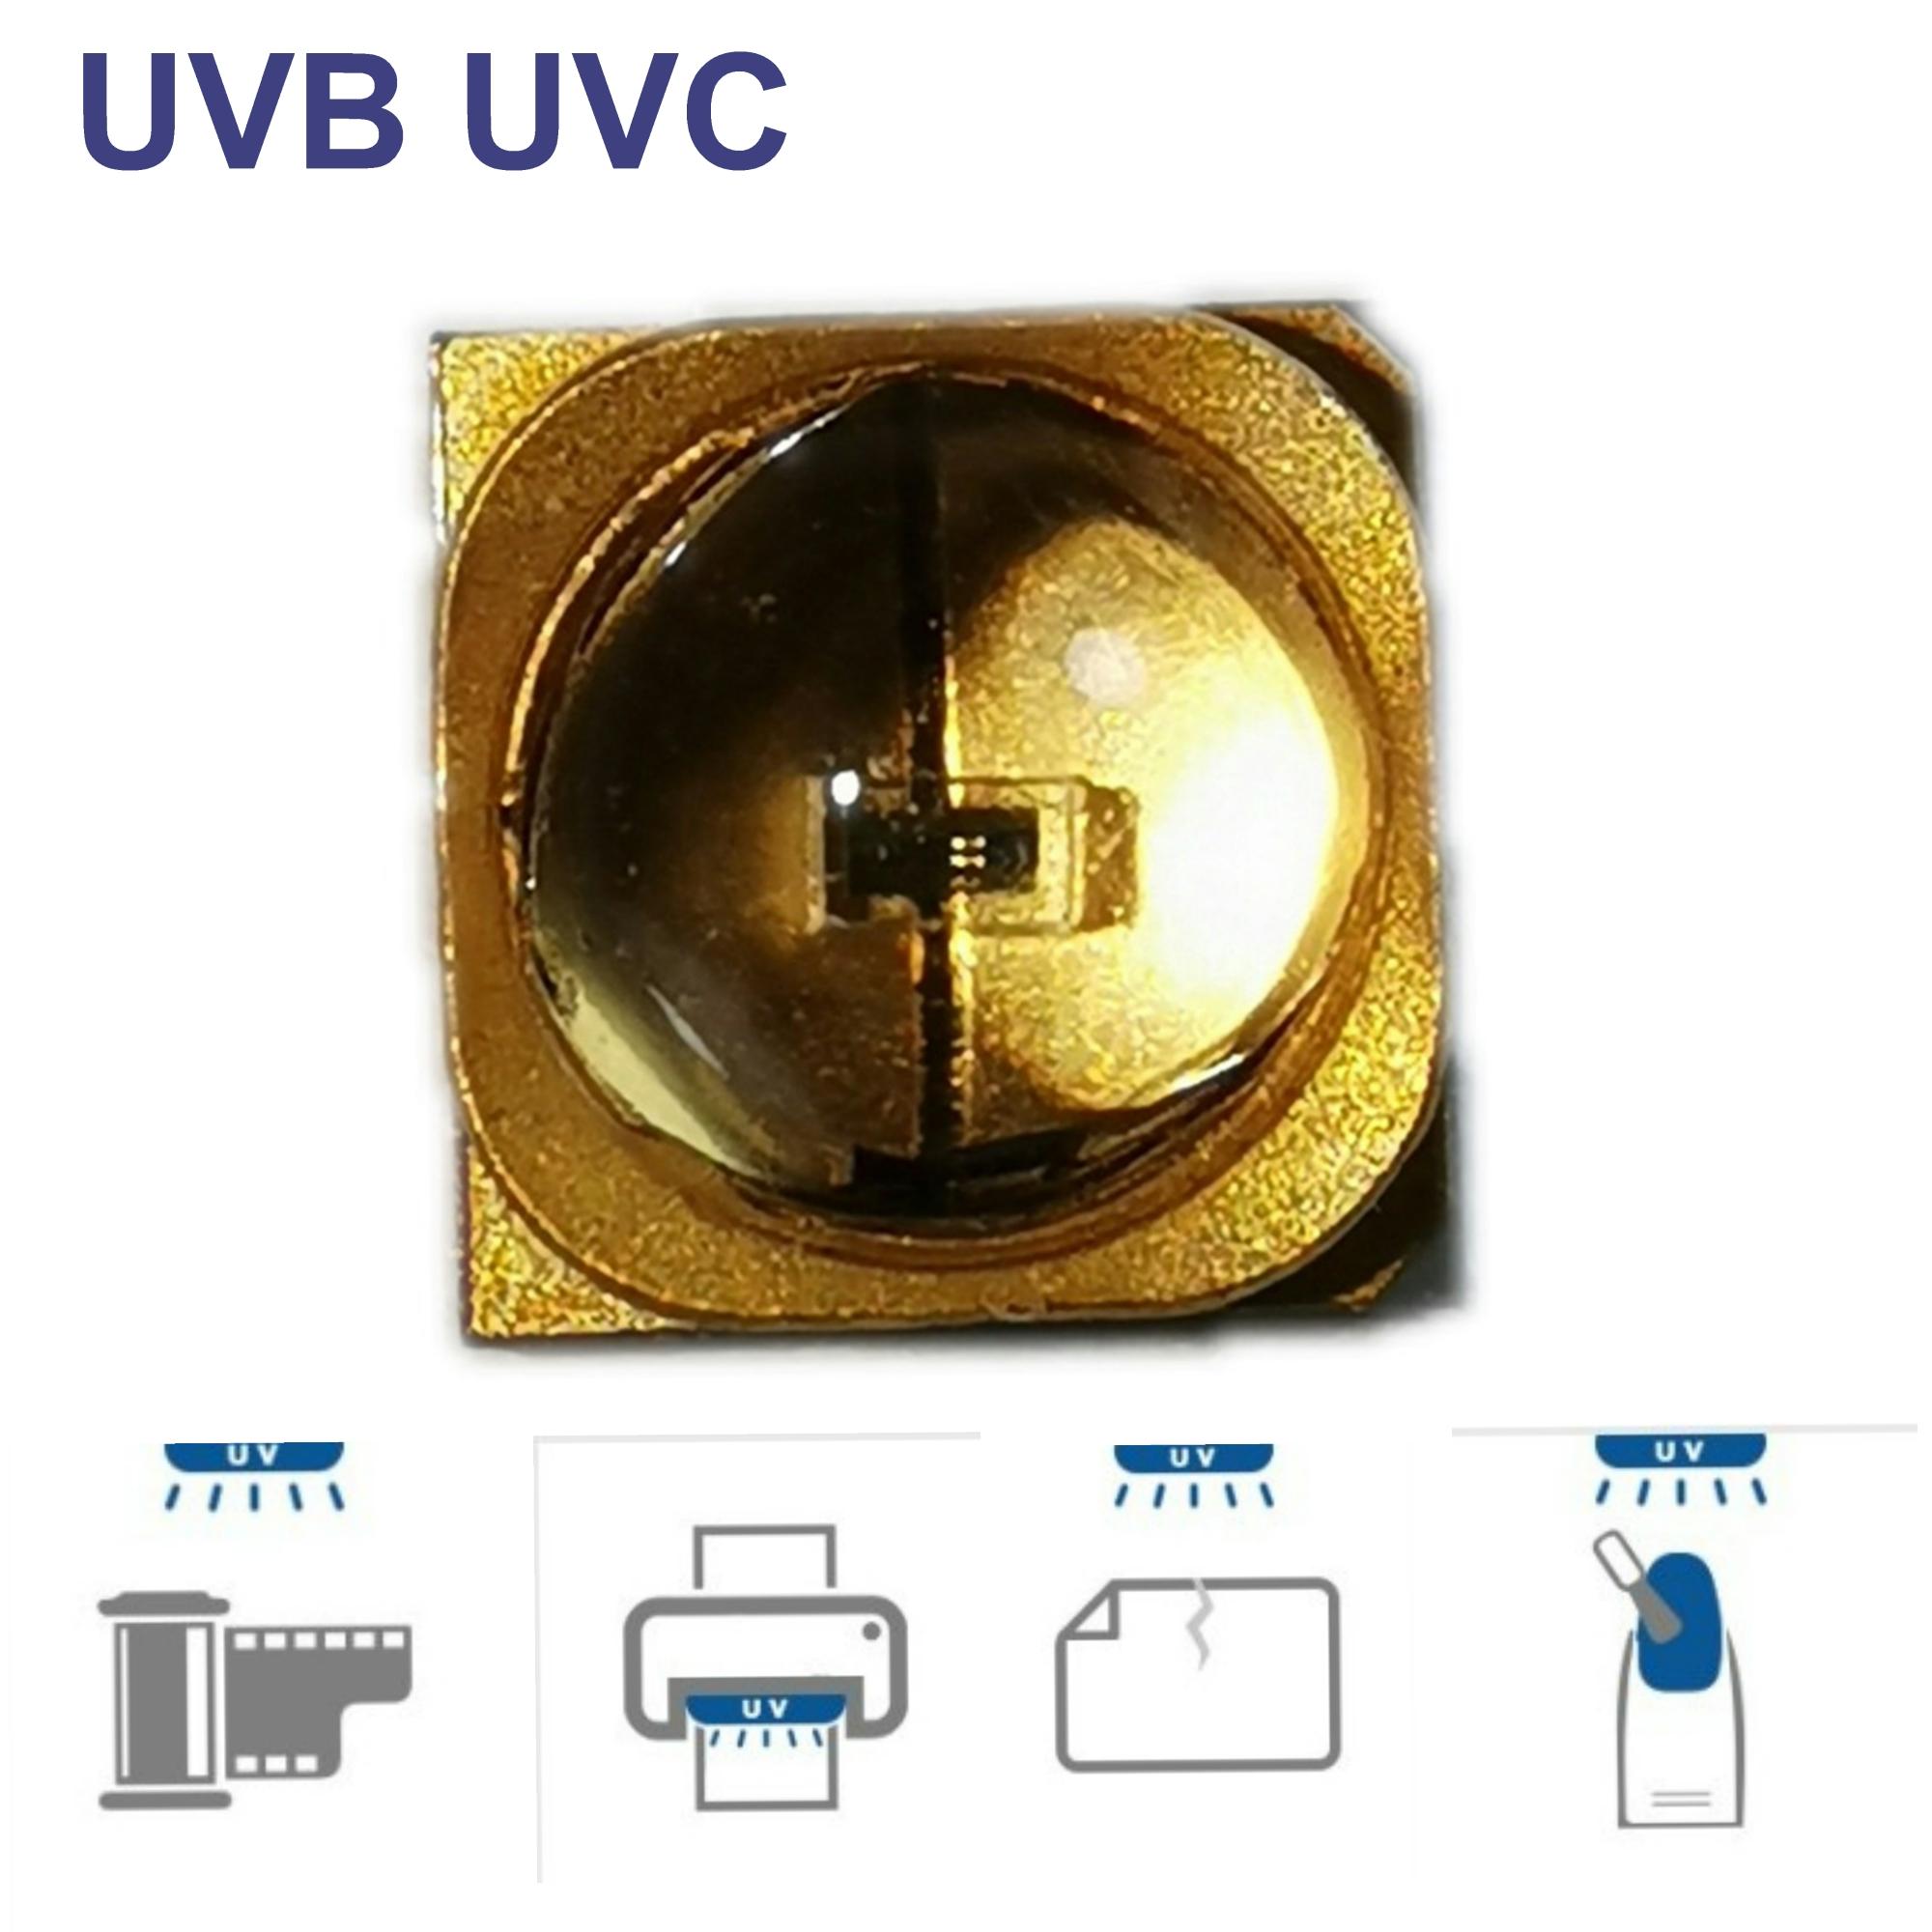 5 uds. power 265nm UV lámpara LED perlas para UVC gel curado luz SMD 3535 chip Seul Quartz paquete LED 3D impresión LED curado